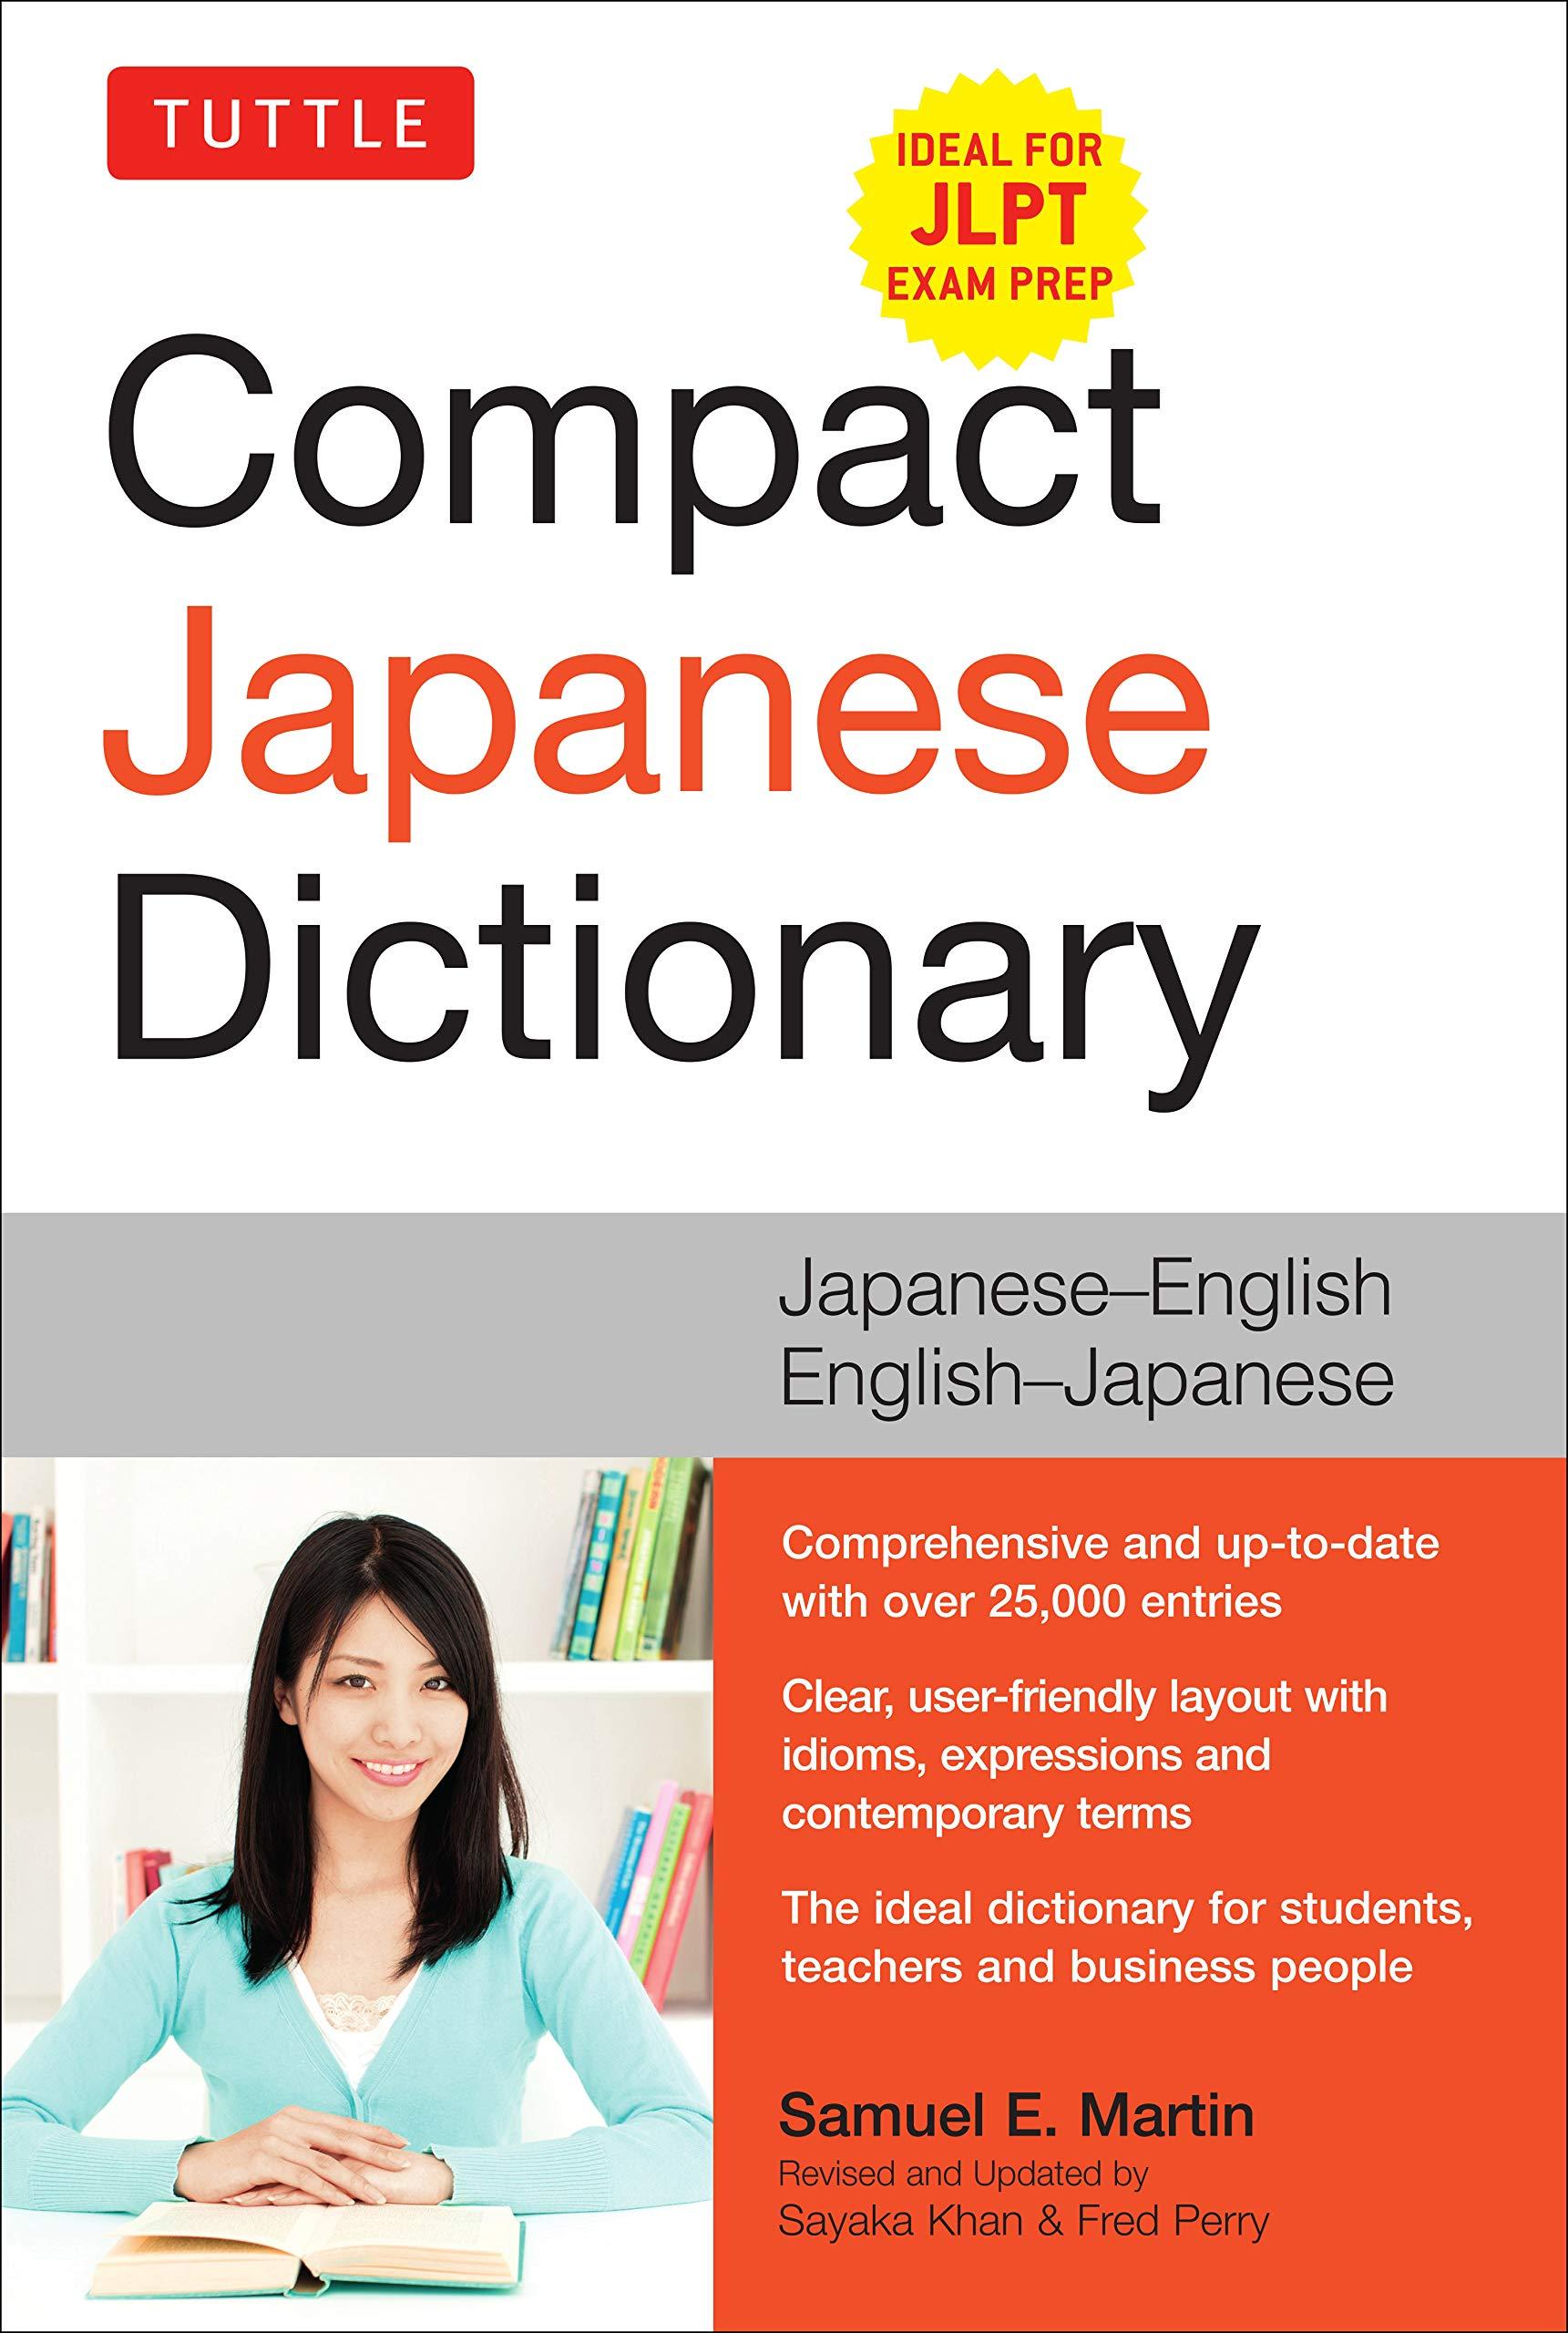 Tuttle Compact Japanese Dictionary  Japanese English   English Japanese